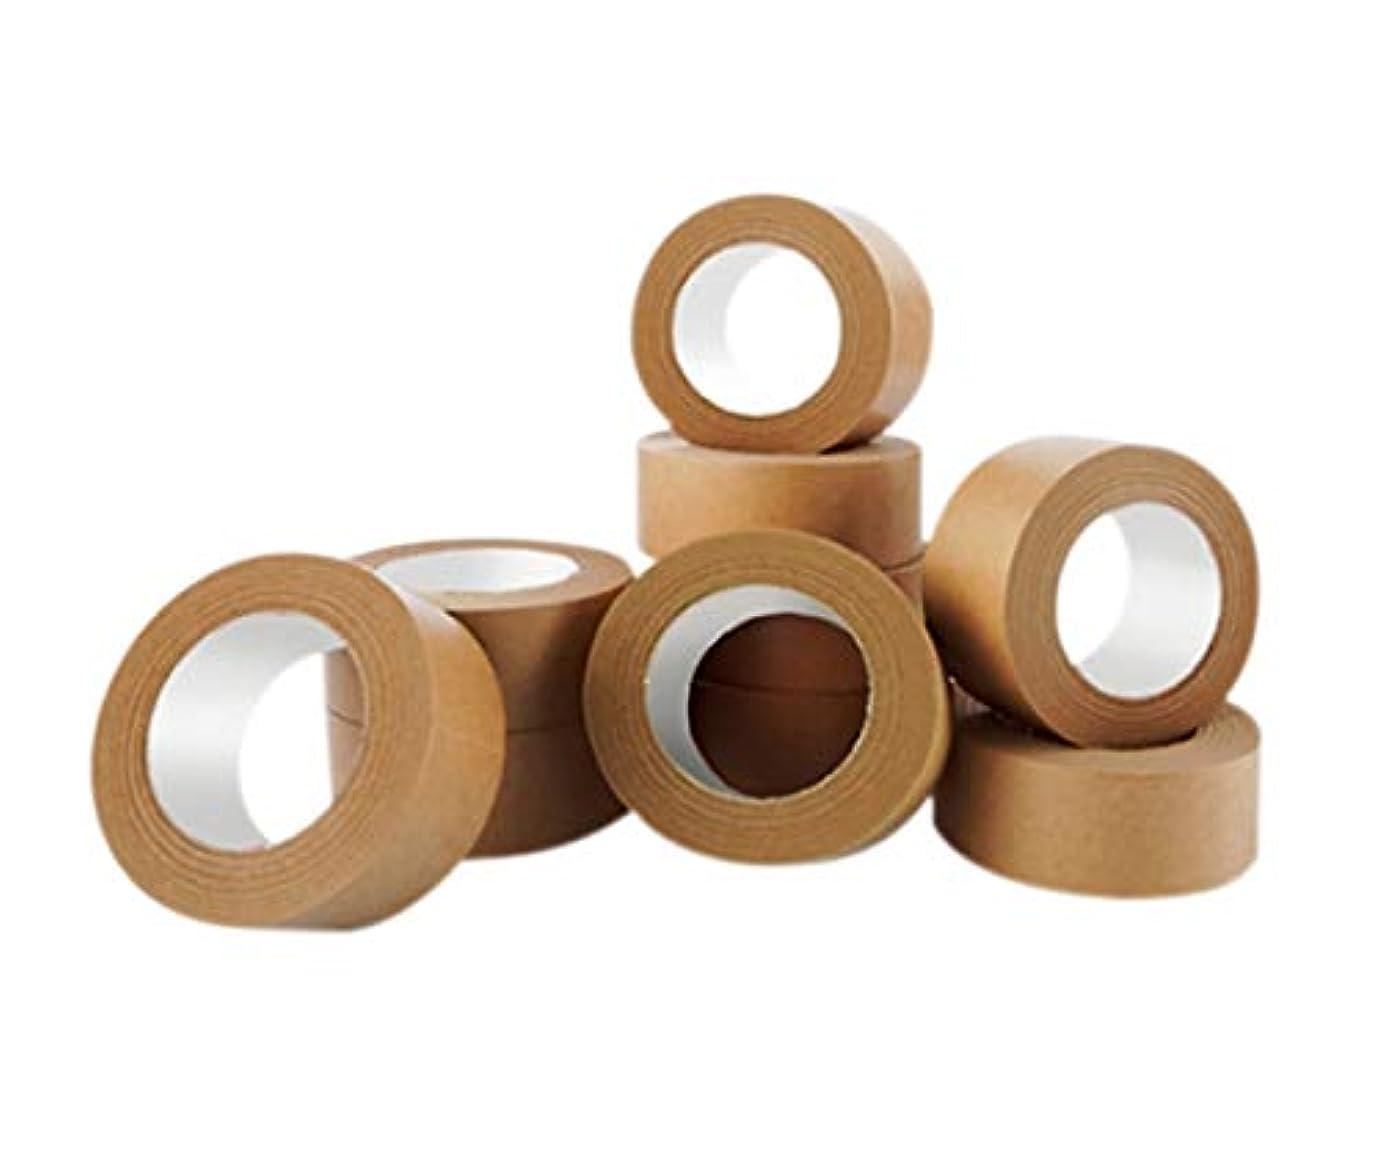 コーチ治安判事ところでアズワン クラフトテープ(50m巻) クラフトテープ 入数50巻/61-7327-80